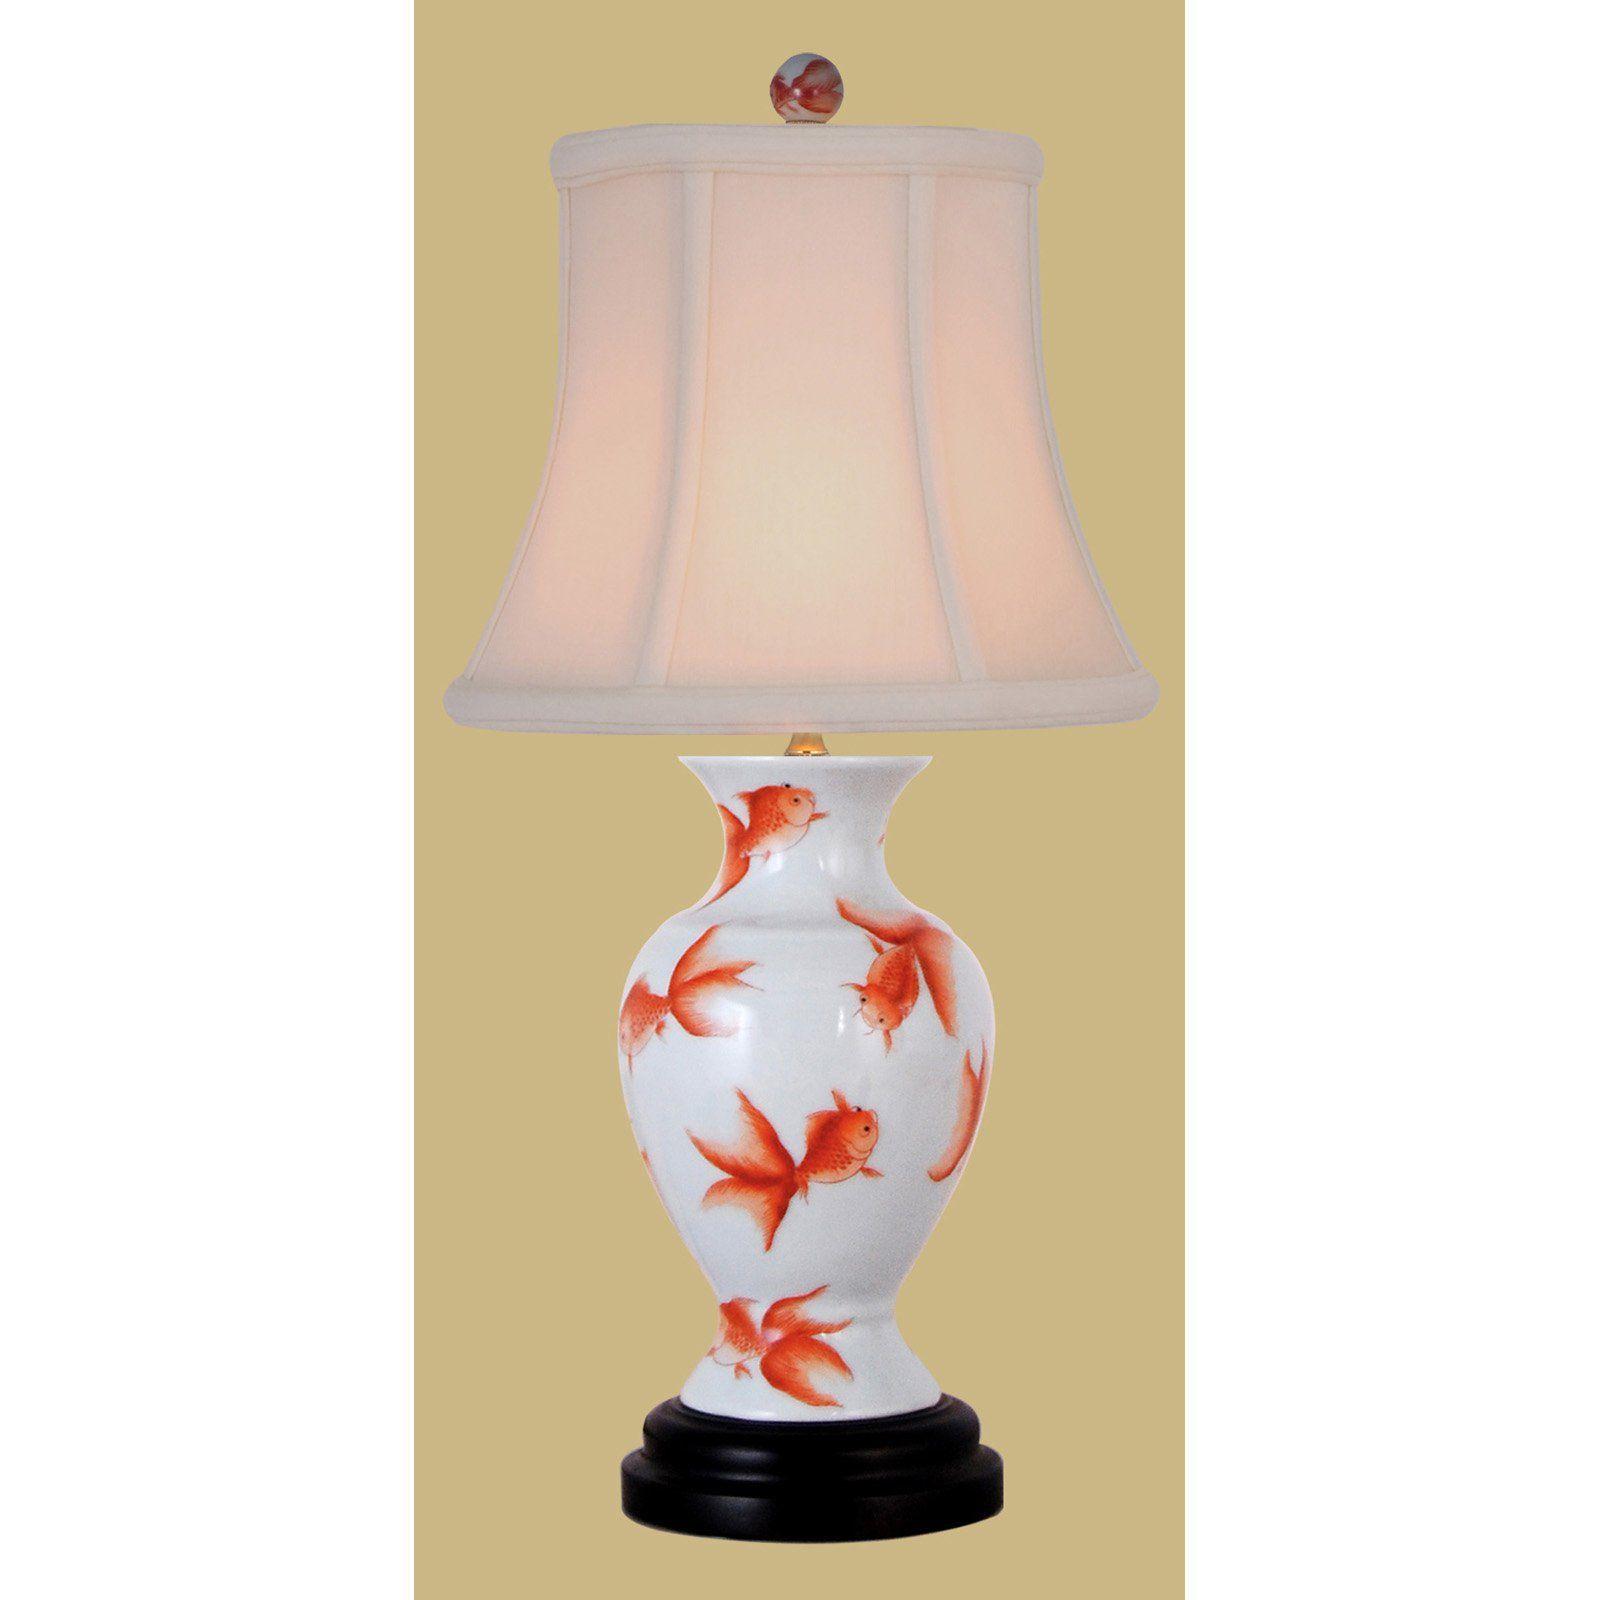 East Enterprises LPDHF107B Fish Vase Mini Table Lamp - White - LPDHF107B